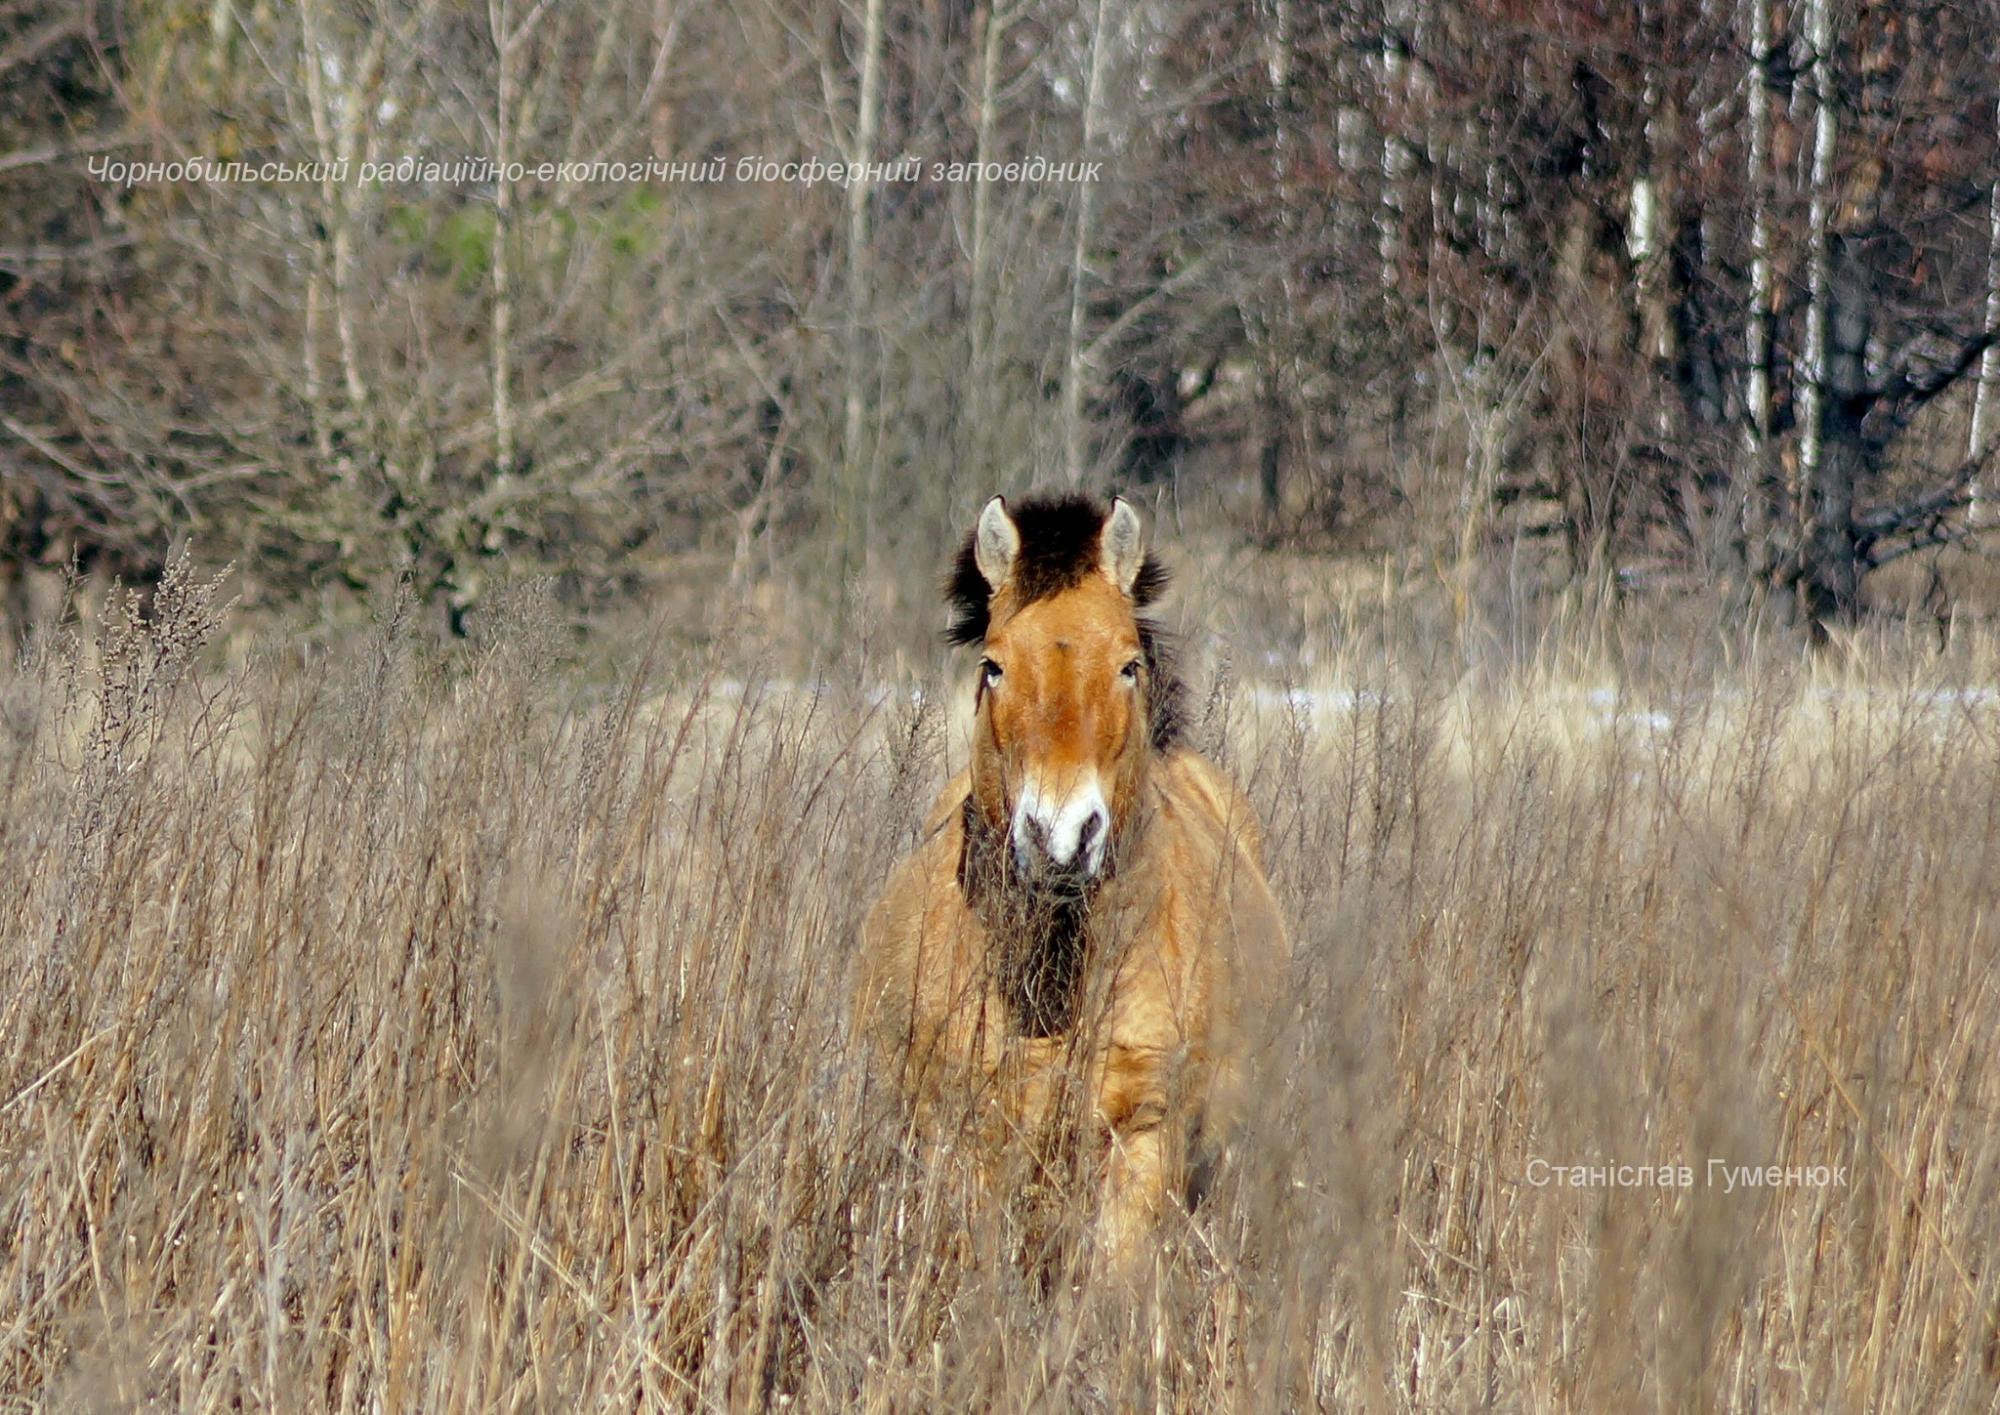 У Чорнобилі покрасувалися перед камерою зниклі тварини